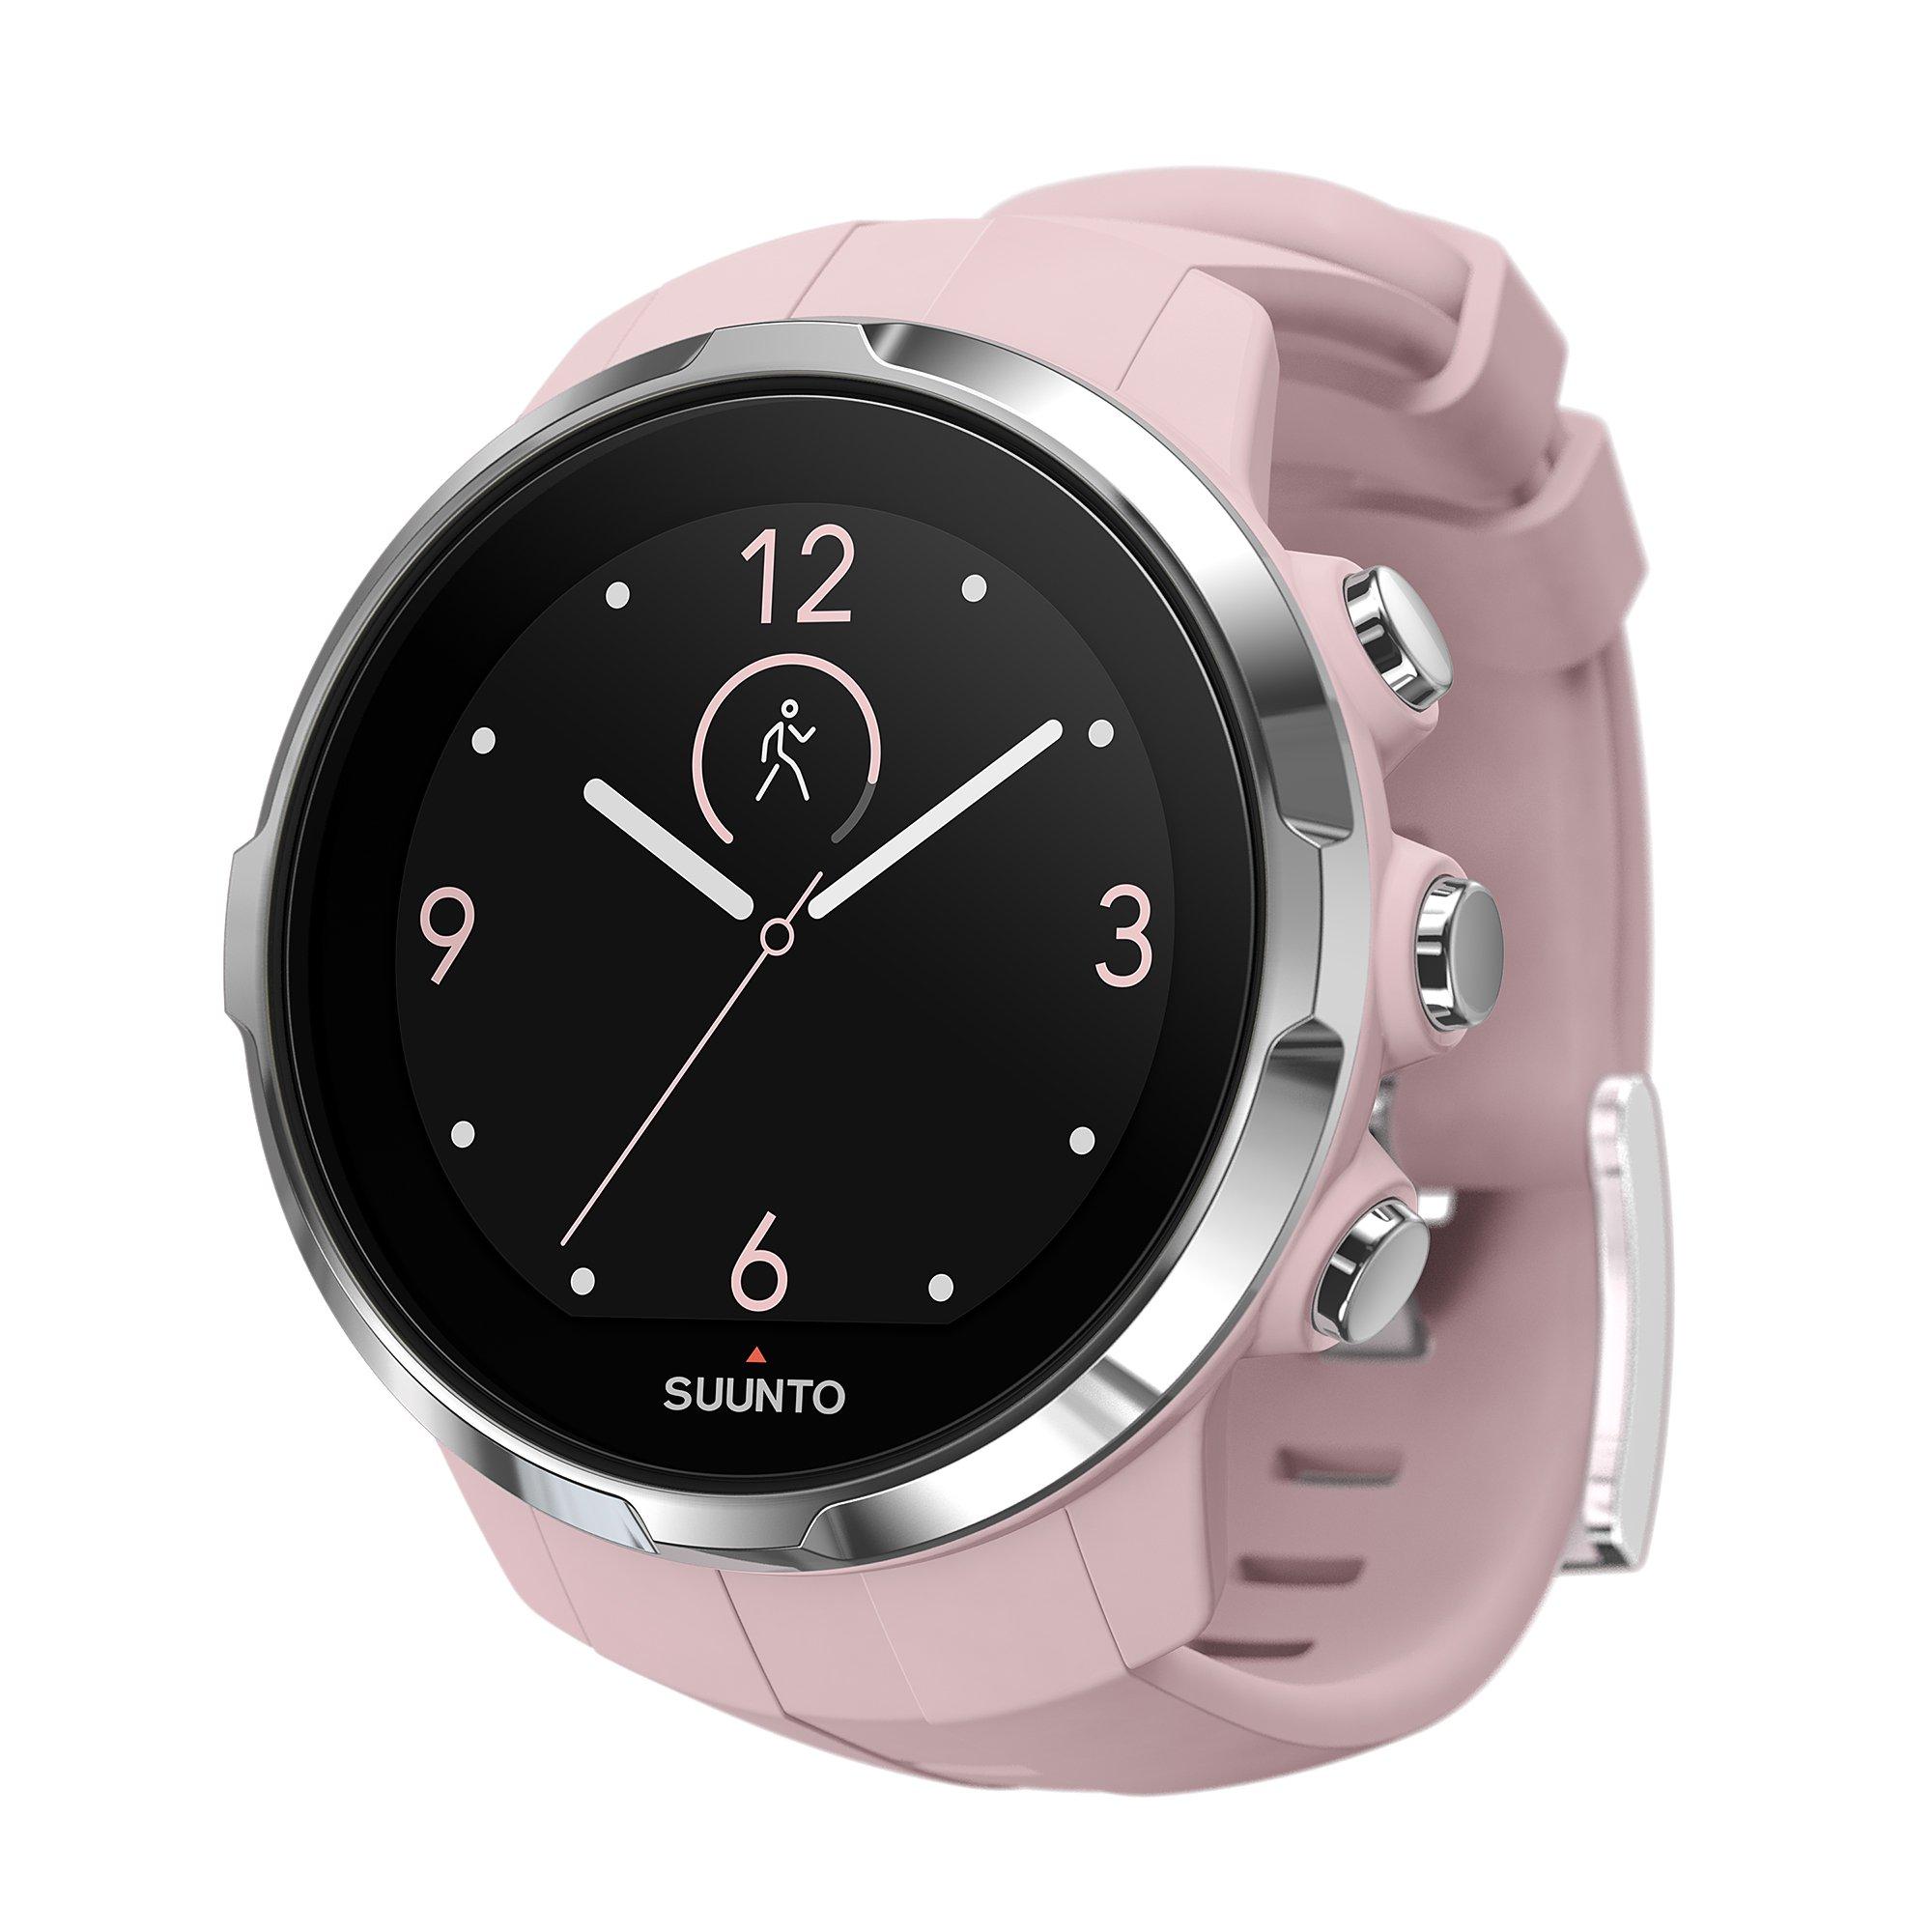 Suunto Spartan Sport Watch Pink, One Size